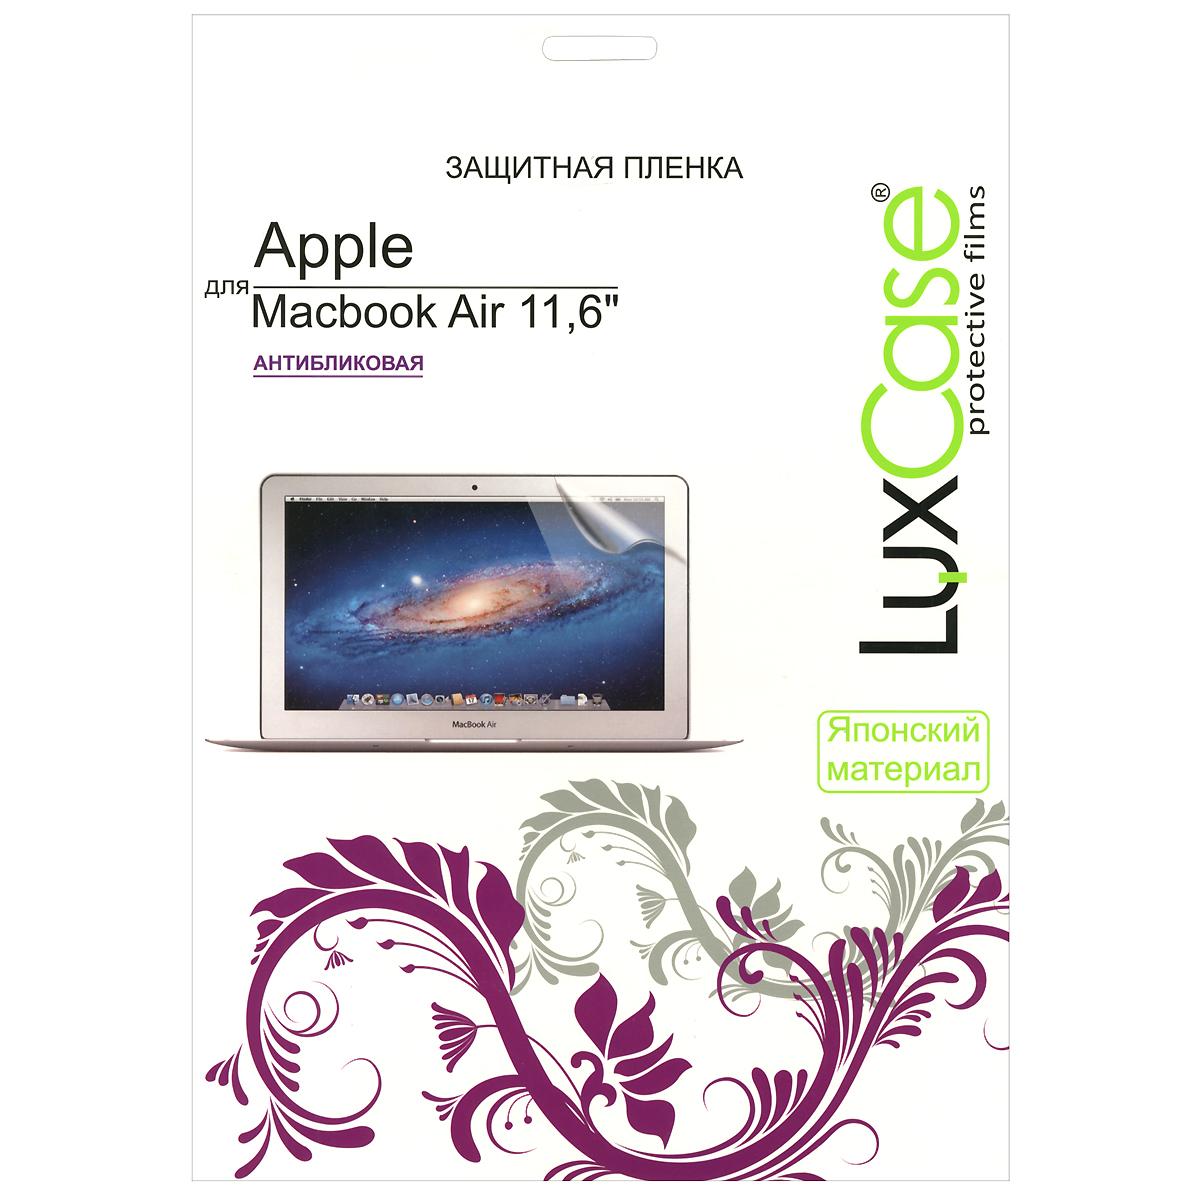 Luxcase защитная пленка для Apple Macbook Air 11,6, антибликовая80972Защитная пленка Luxcase для Apple Macbook Air 11,6 с антибликовым покрытием защитит экран вашего ноутбука от трещин, царапин и других неблагоприятных факторов. Благодаря использованию высококачественного японского материала пленка легко наклеивается, плотно прилегает, имеет высокую устойчивость к механическим воздействиям.